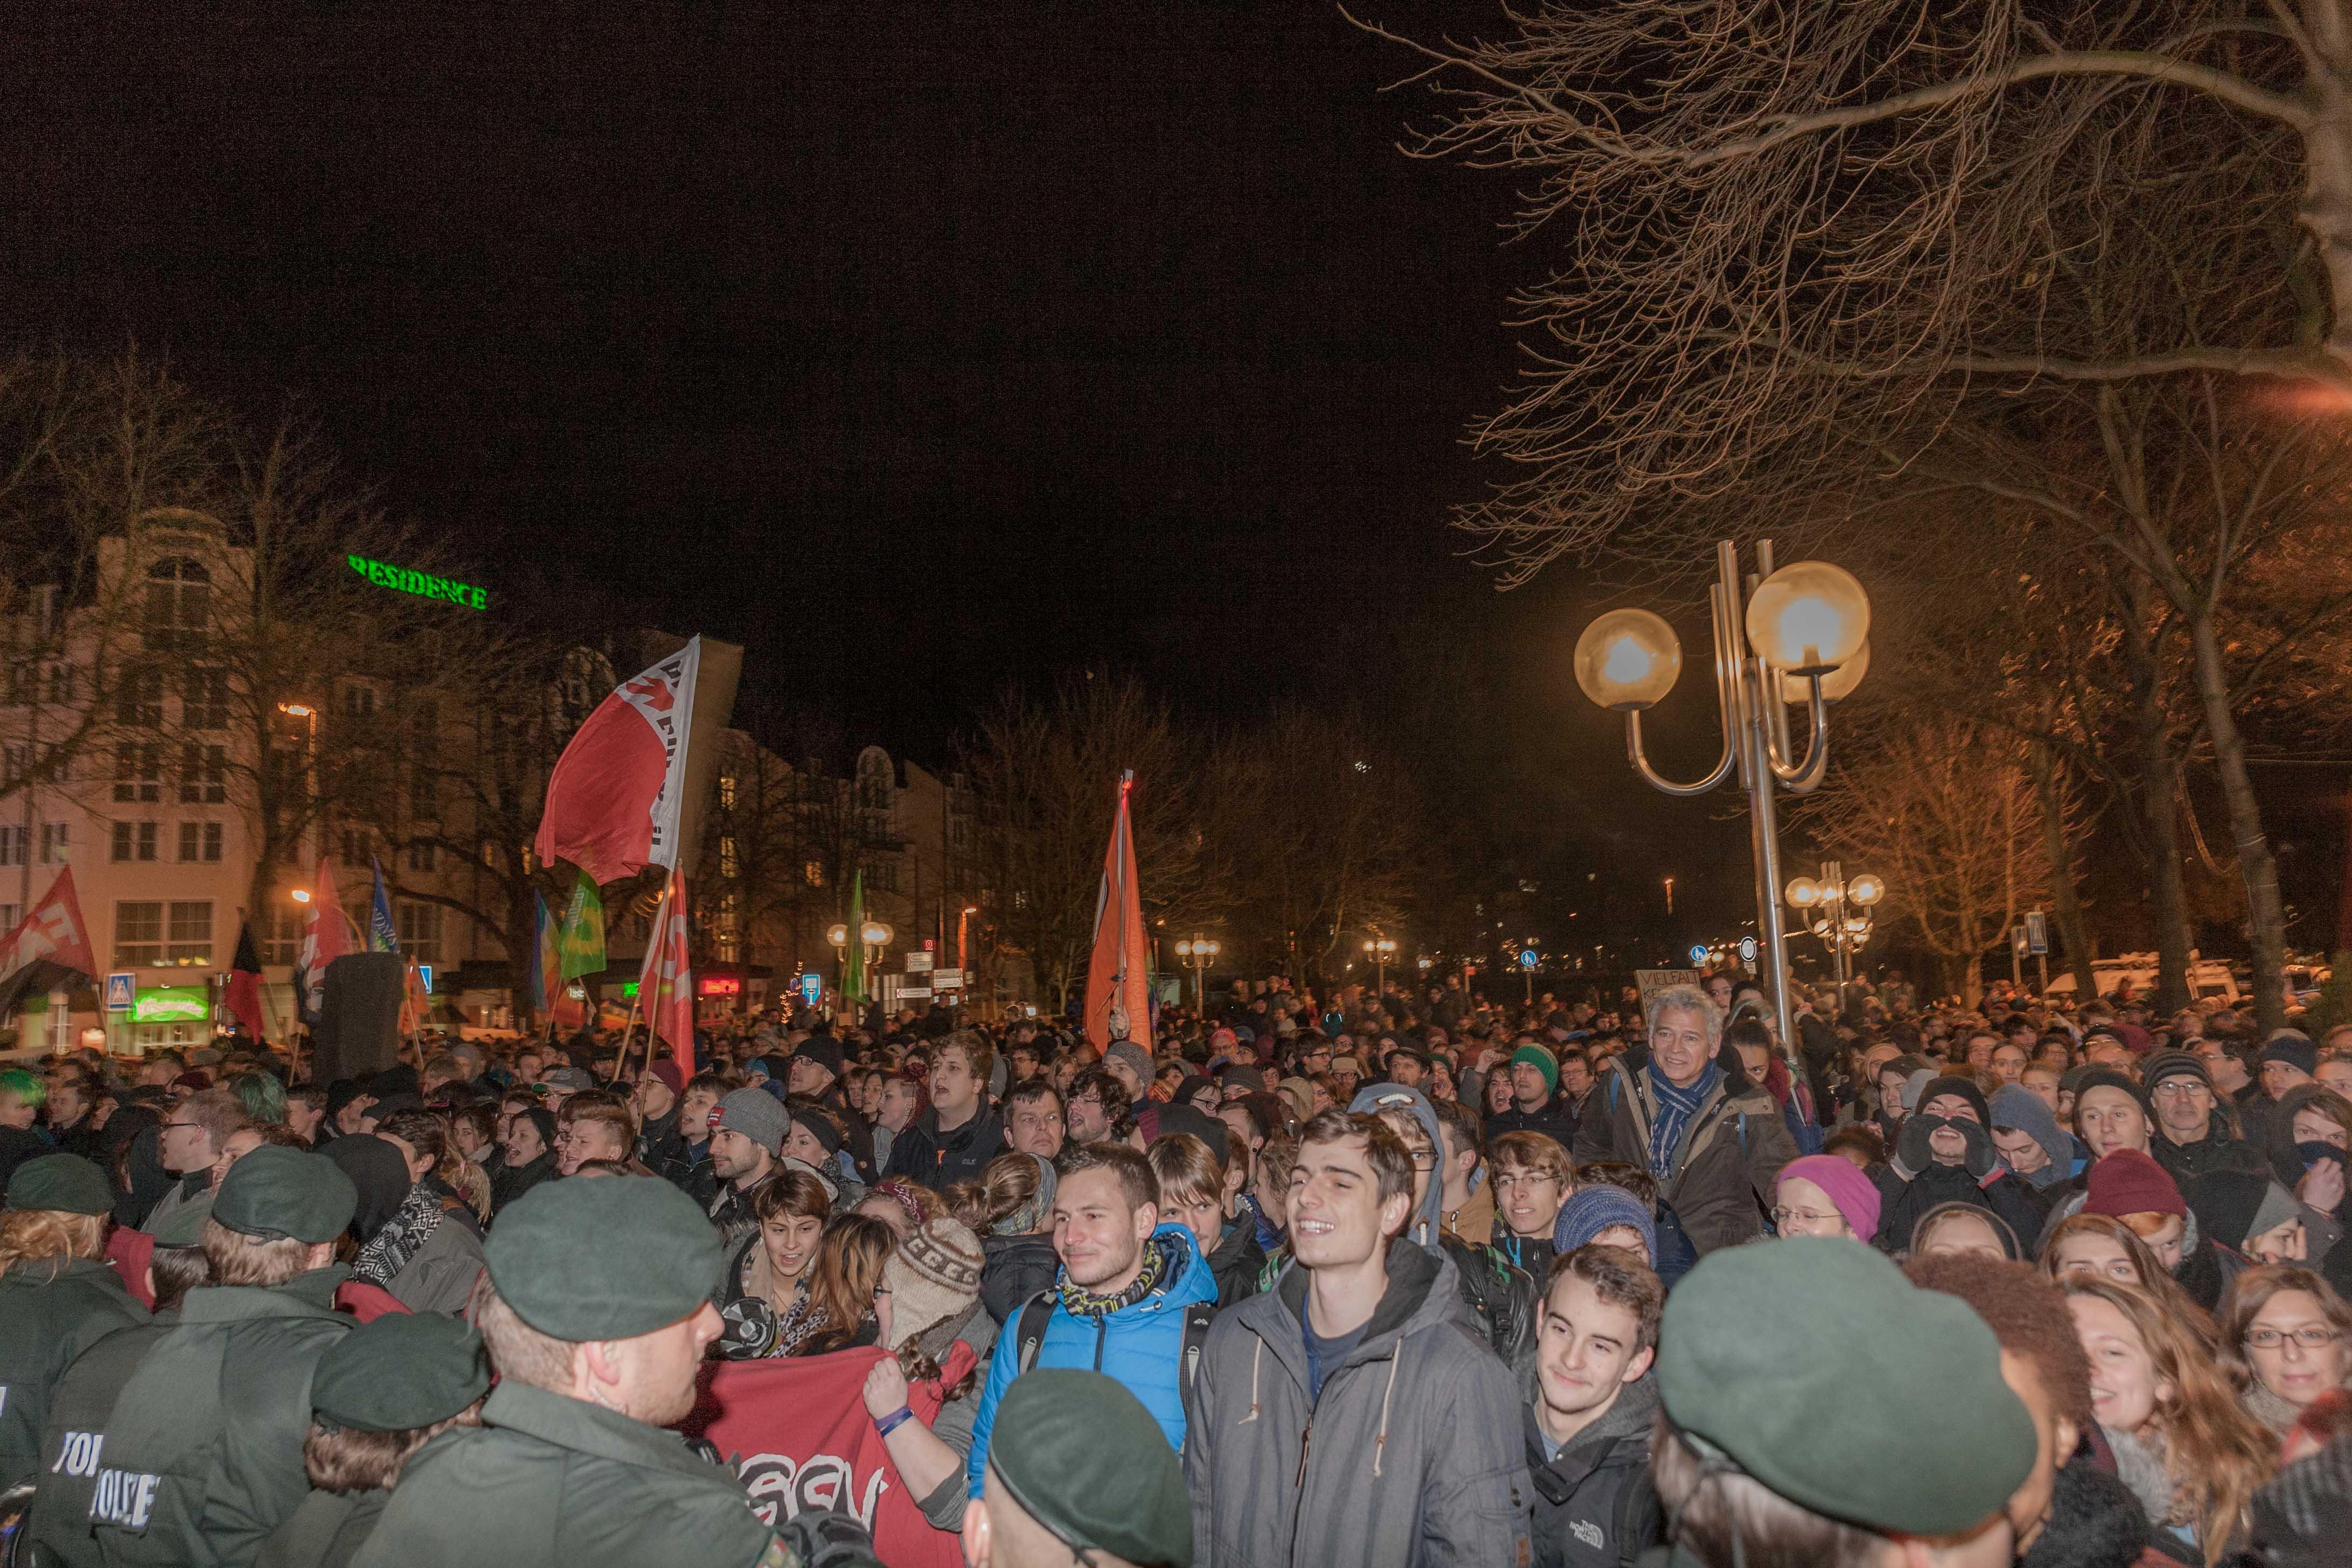 Am Montag auf dem Bonner Marktplatz: Null Toleranz für Rassisten